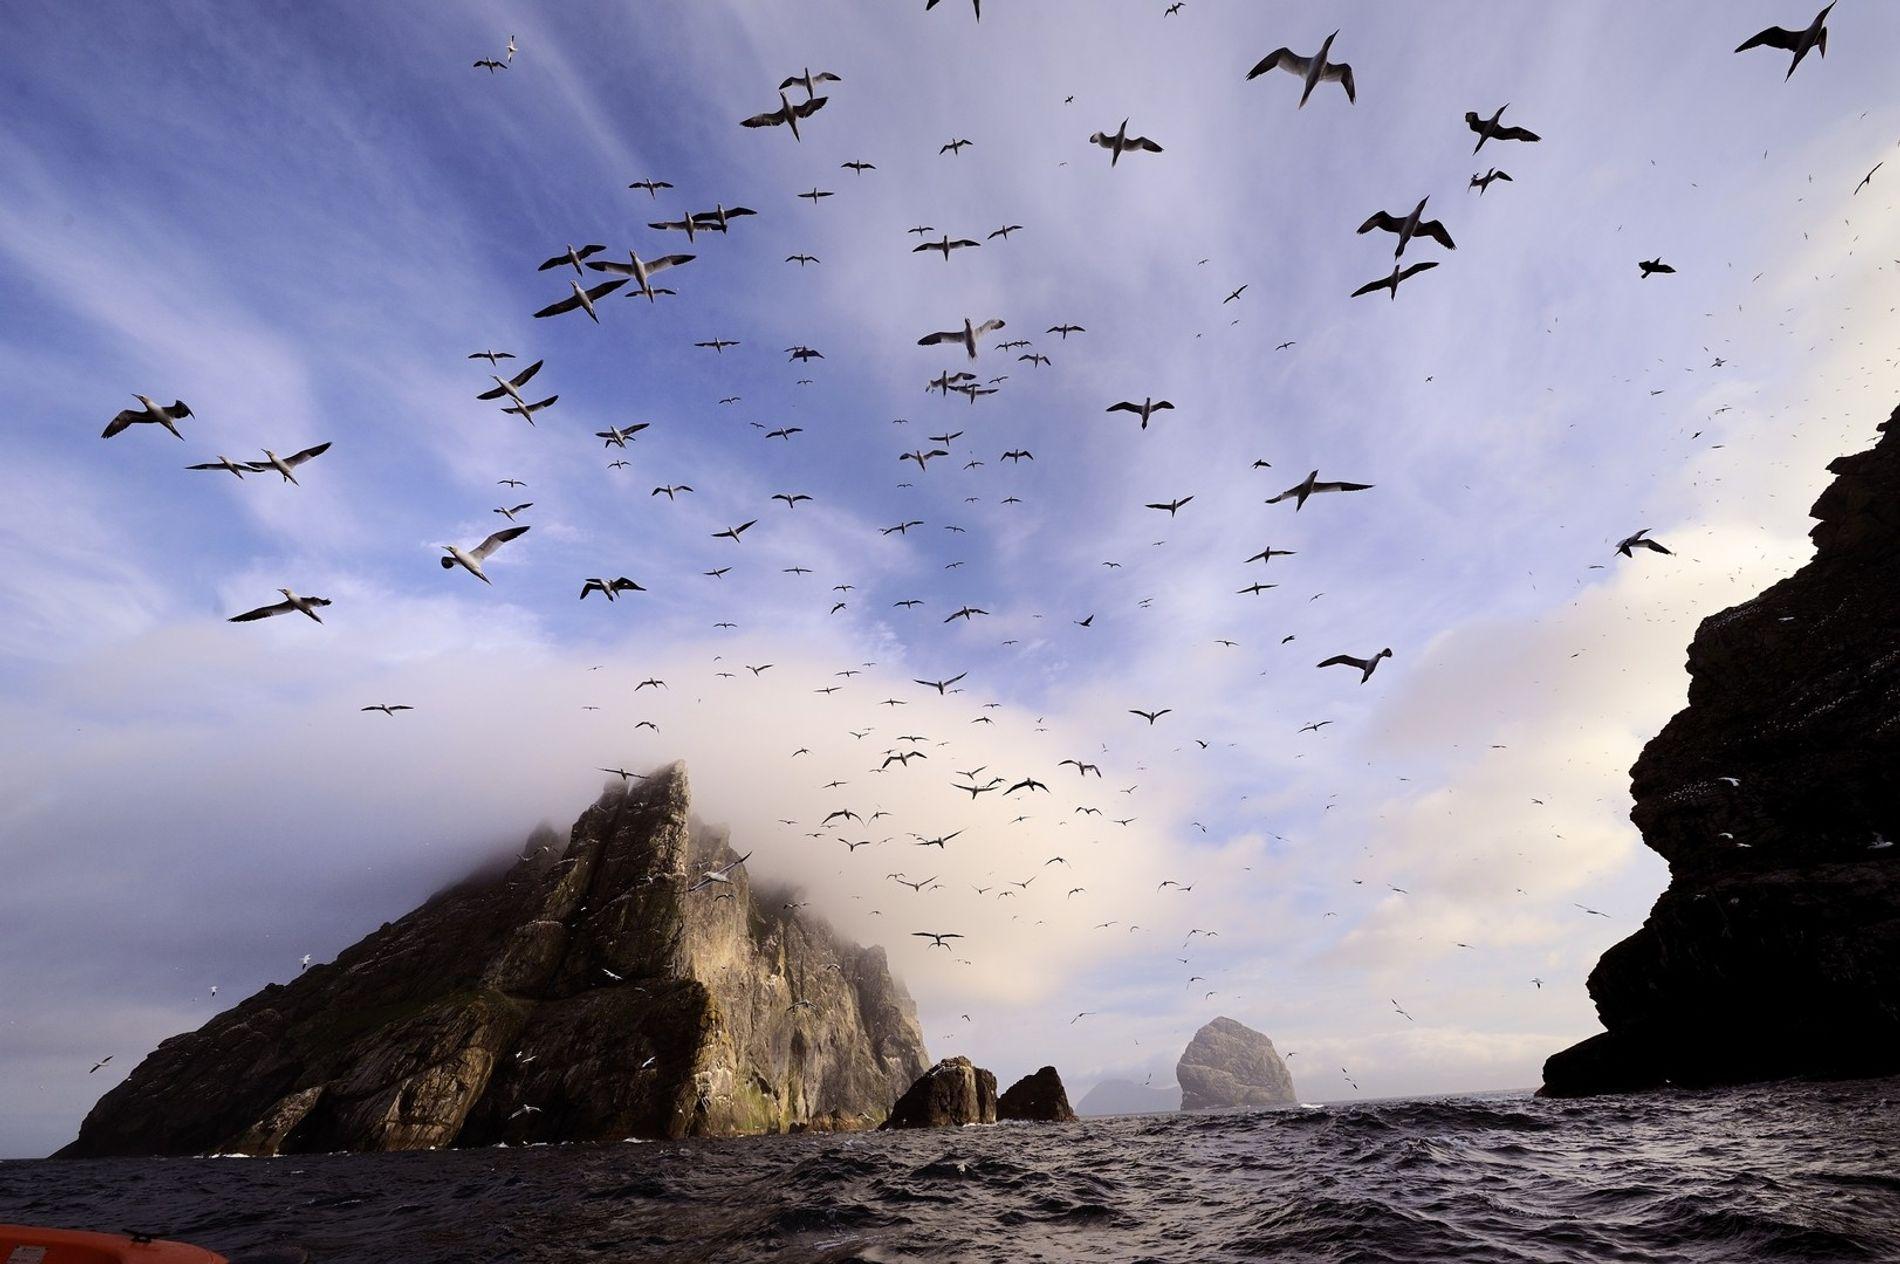 Diesen kurzen Sonnenmoment nutzen Tölpel zum Flugstart auf Boreray. Die unbewohnte Insel liegt gut sechs Kilometer vom St.-Kilda-Archipel entfernt und war trotz ihrer rauen Seite und der gefährlichen Anfahrt ein beliebter Jagdgrund für die Menschen von St. Kilda, die hier auf die Klippen kletterten und Vögel fingen.